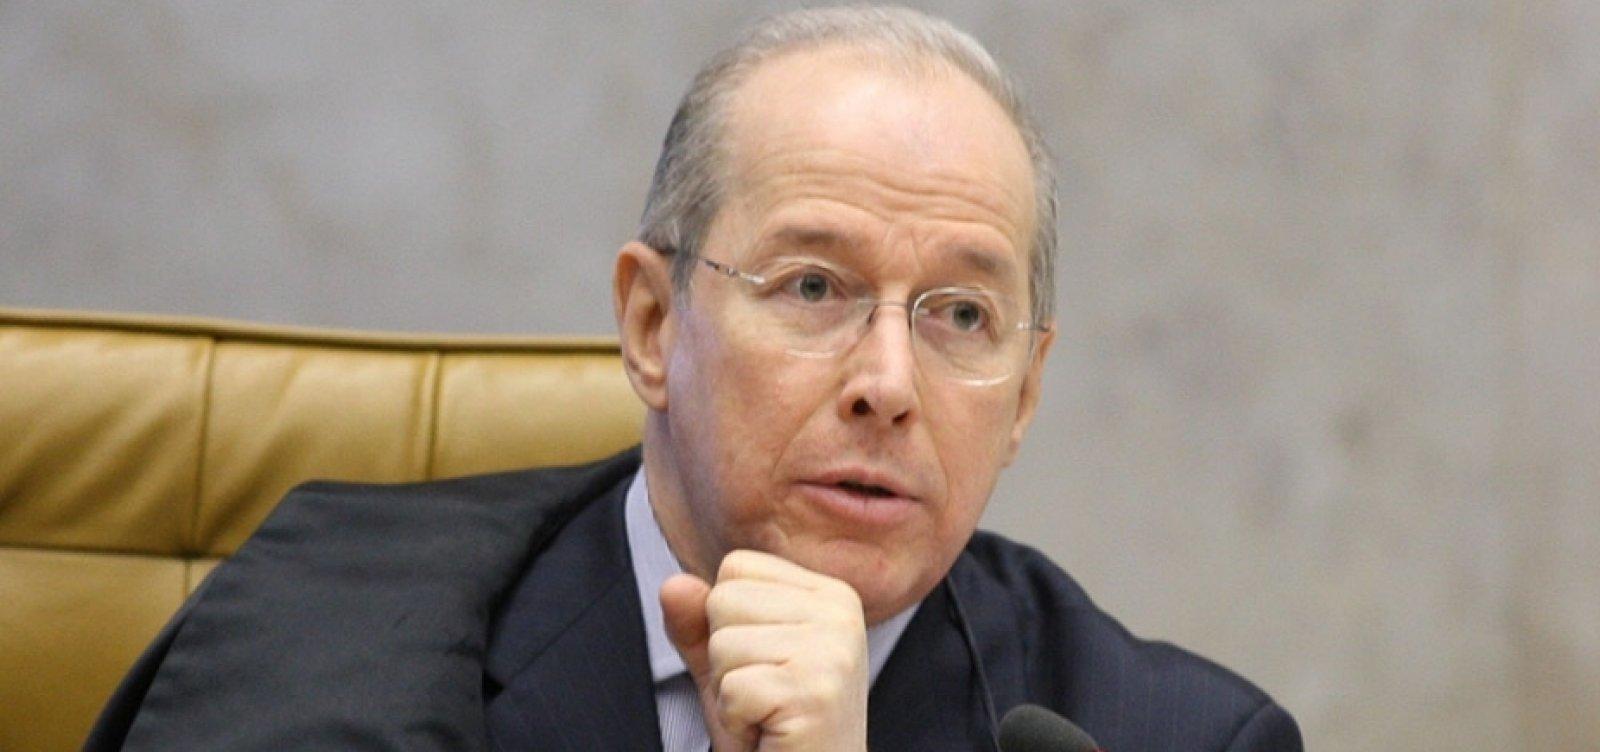 [Celso de Mello autoriza Moro, PGR e PF a acessar vídeo de reunião ministerial em 'ato único' ]